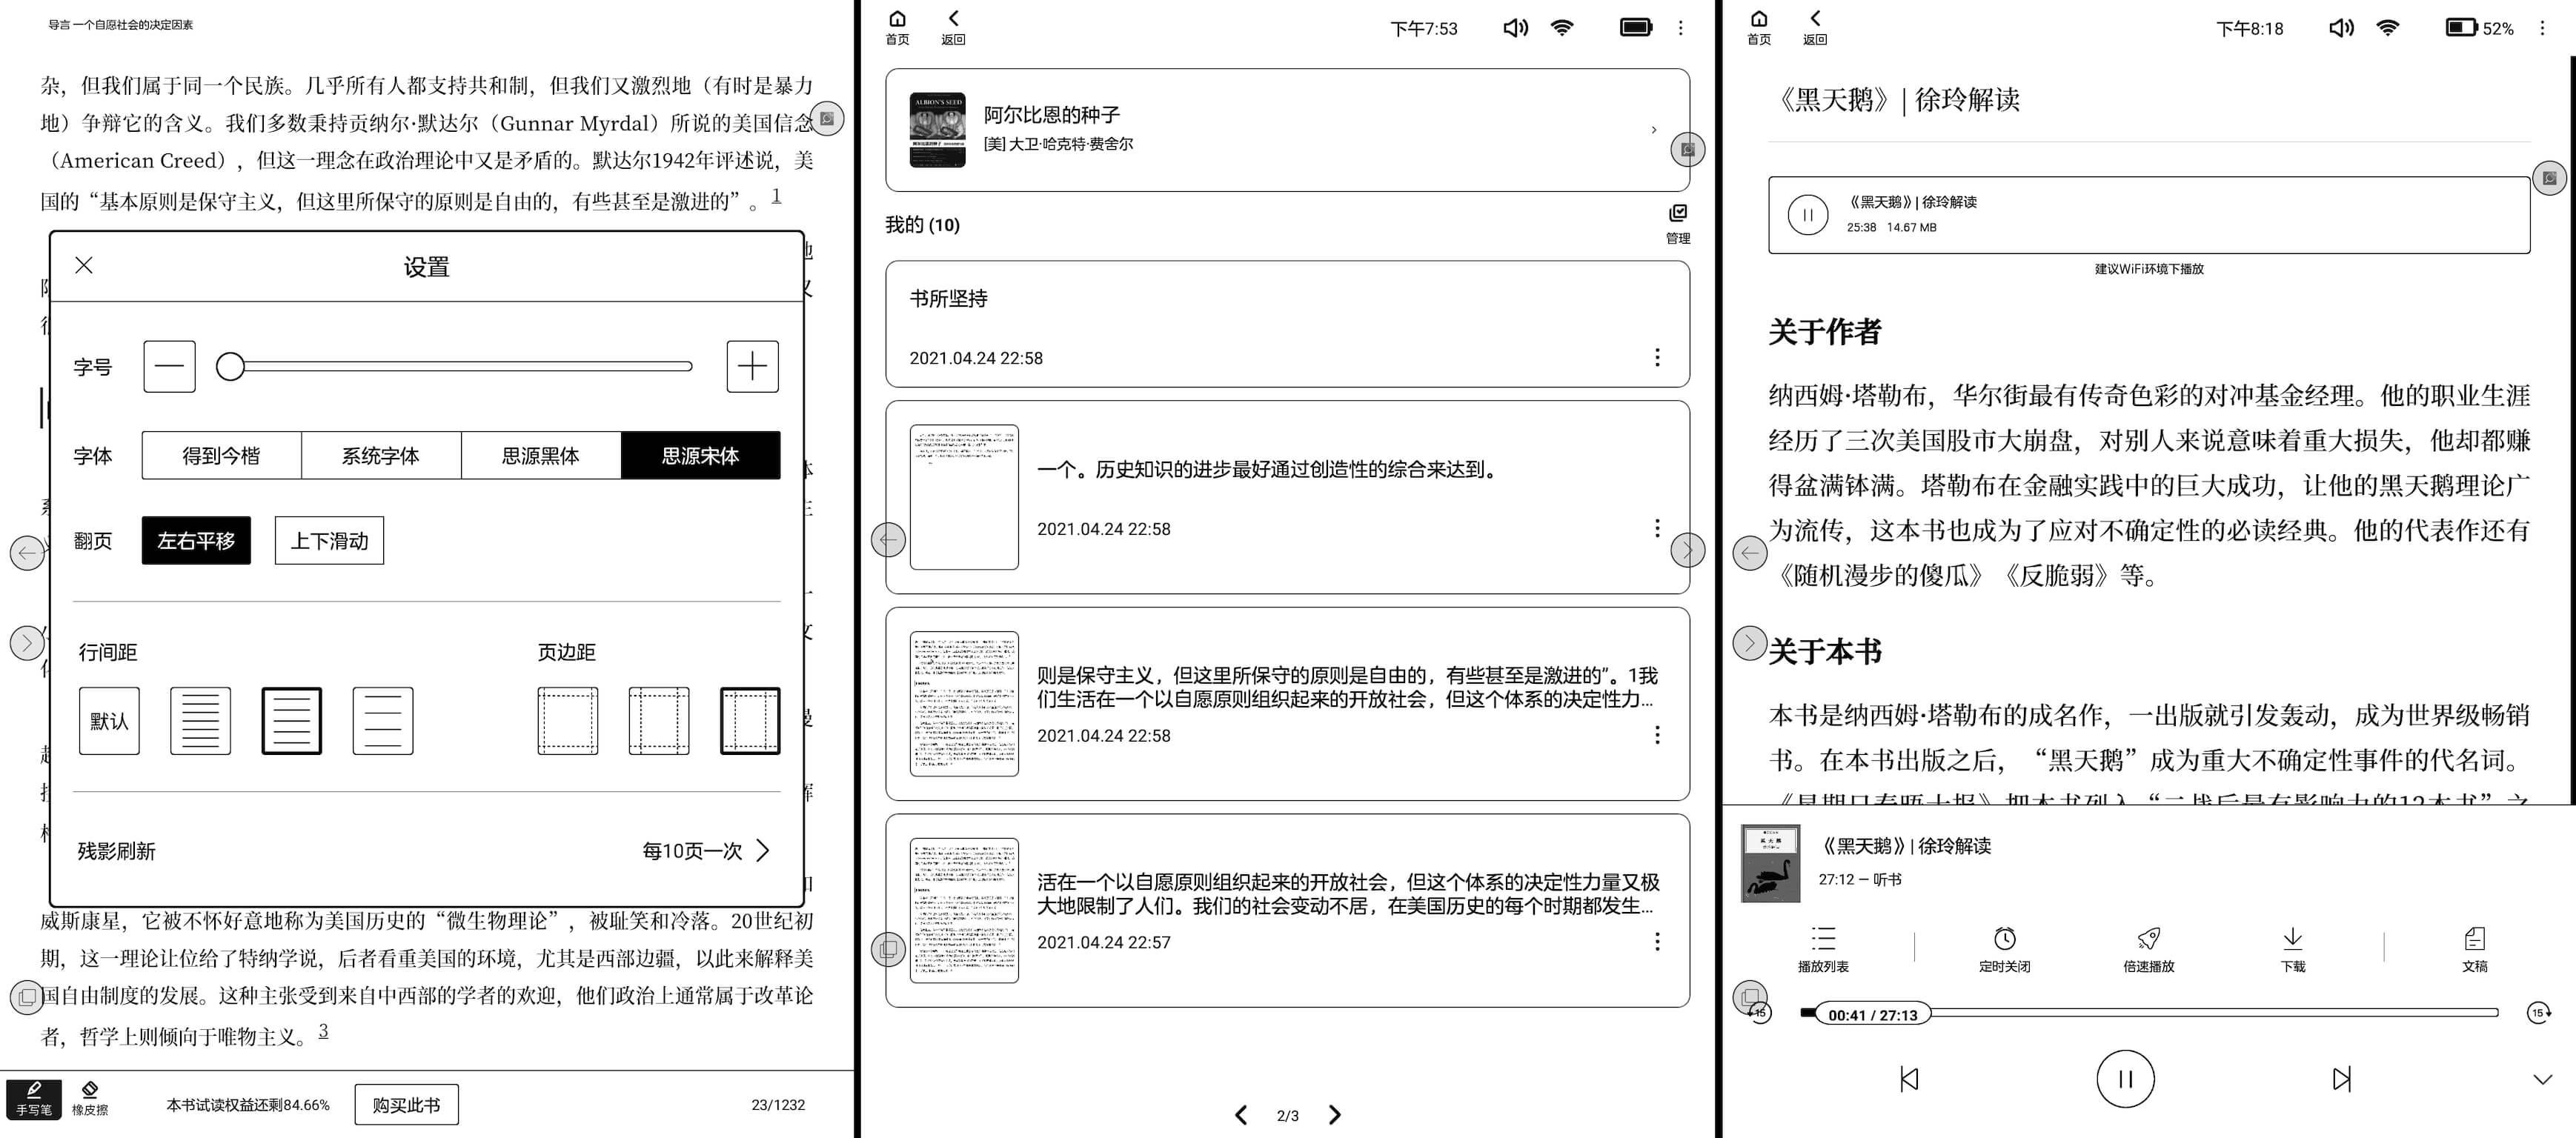 得到内容的页面设置、笔记和听书界面